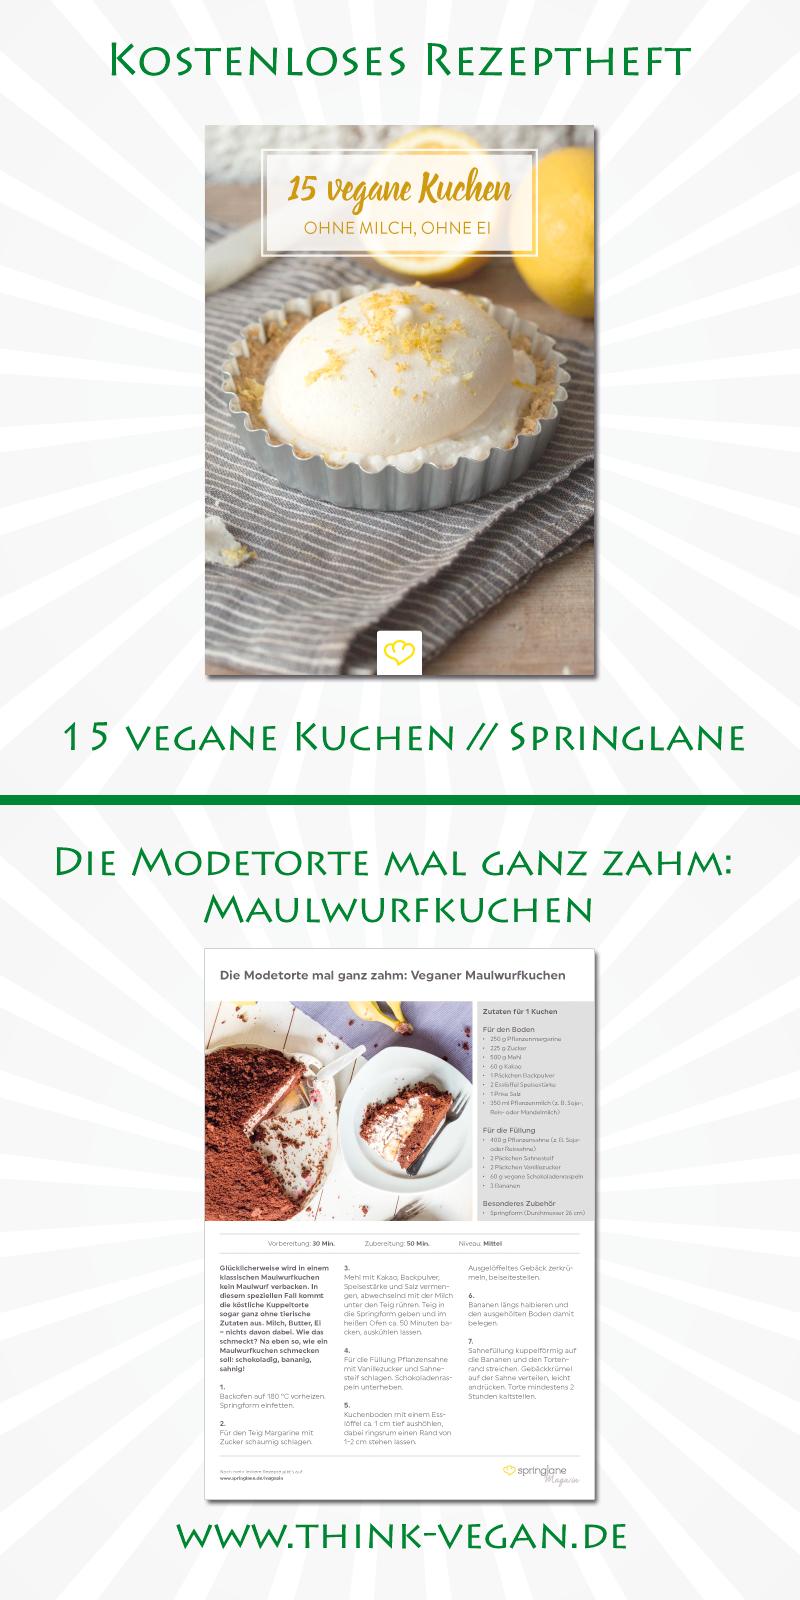 Die Modetorte Mal Ganz Zahm Maulwurfkuchen Vegan Backen Kostenloses Rezeptheft Von Springlane Als Pdf Vegan Backen Kuchen Ohne Milch Erdnussbutter Banane